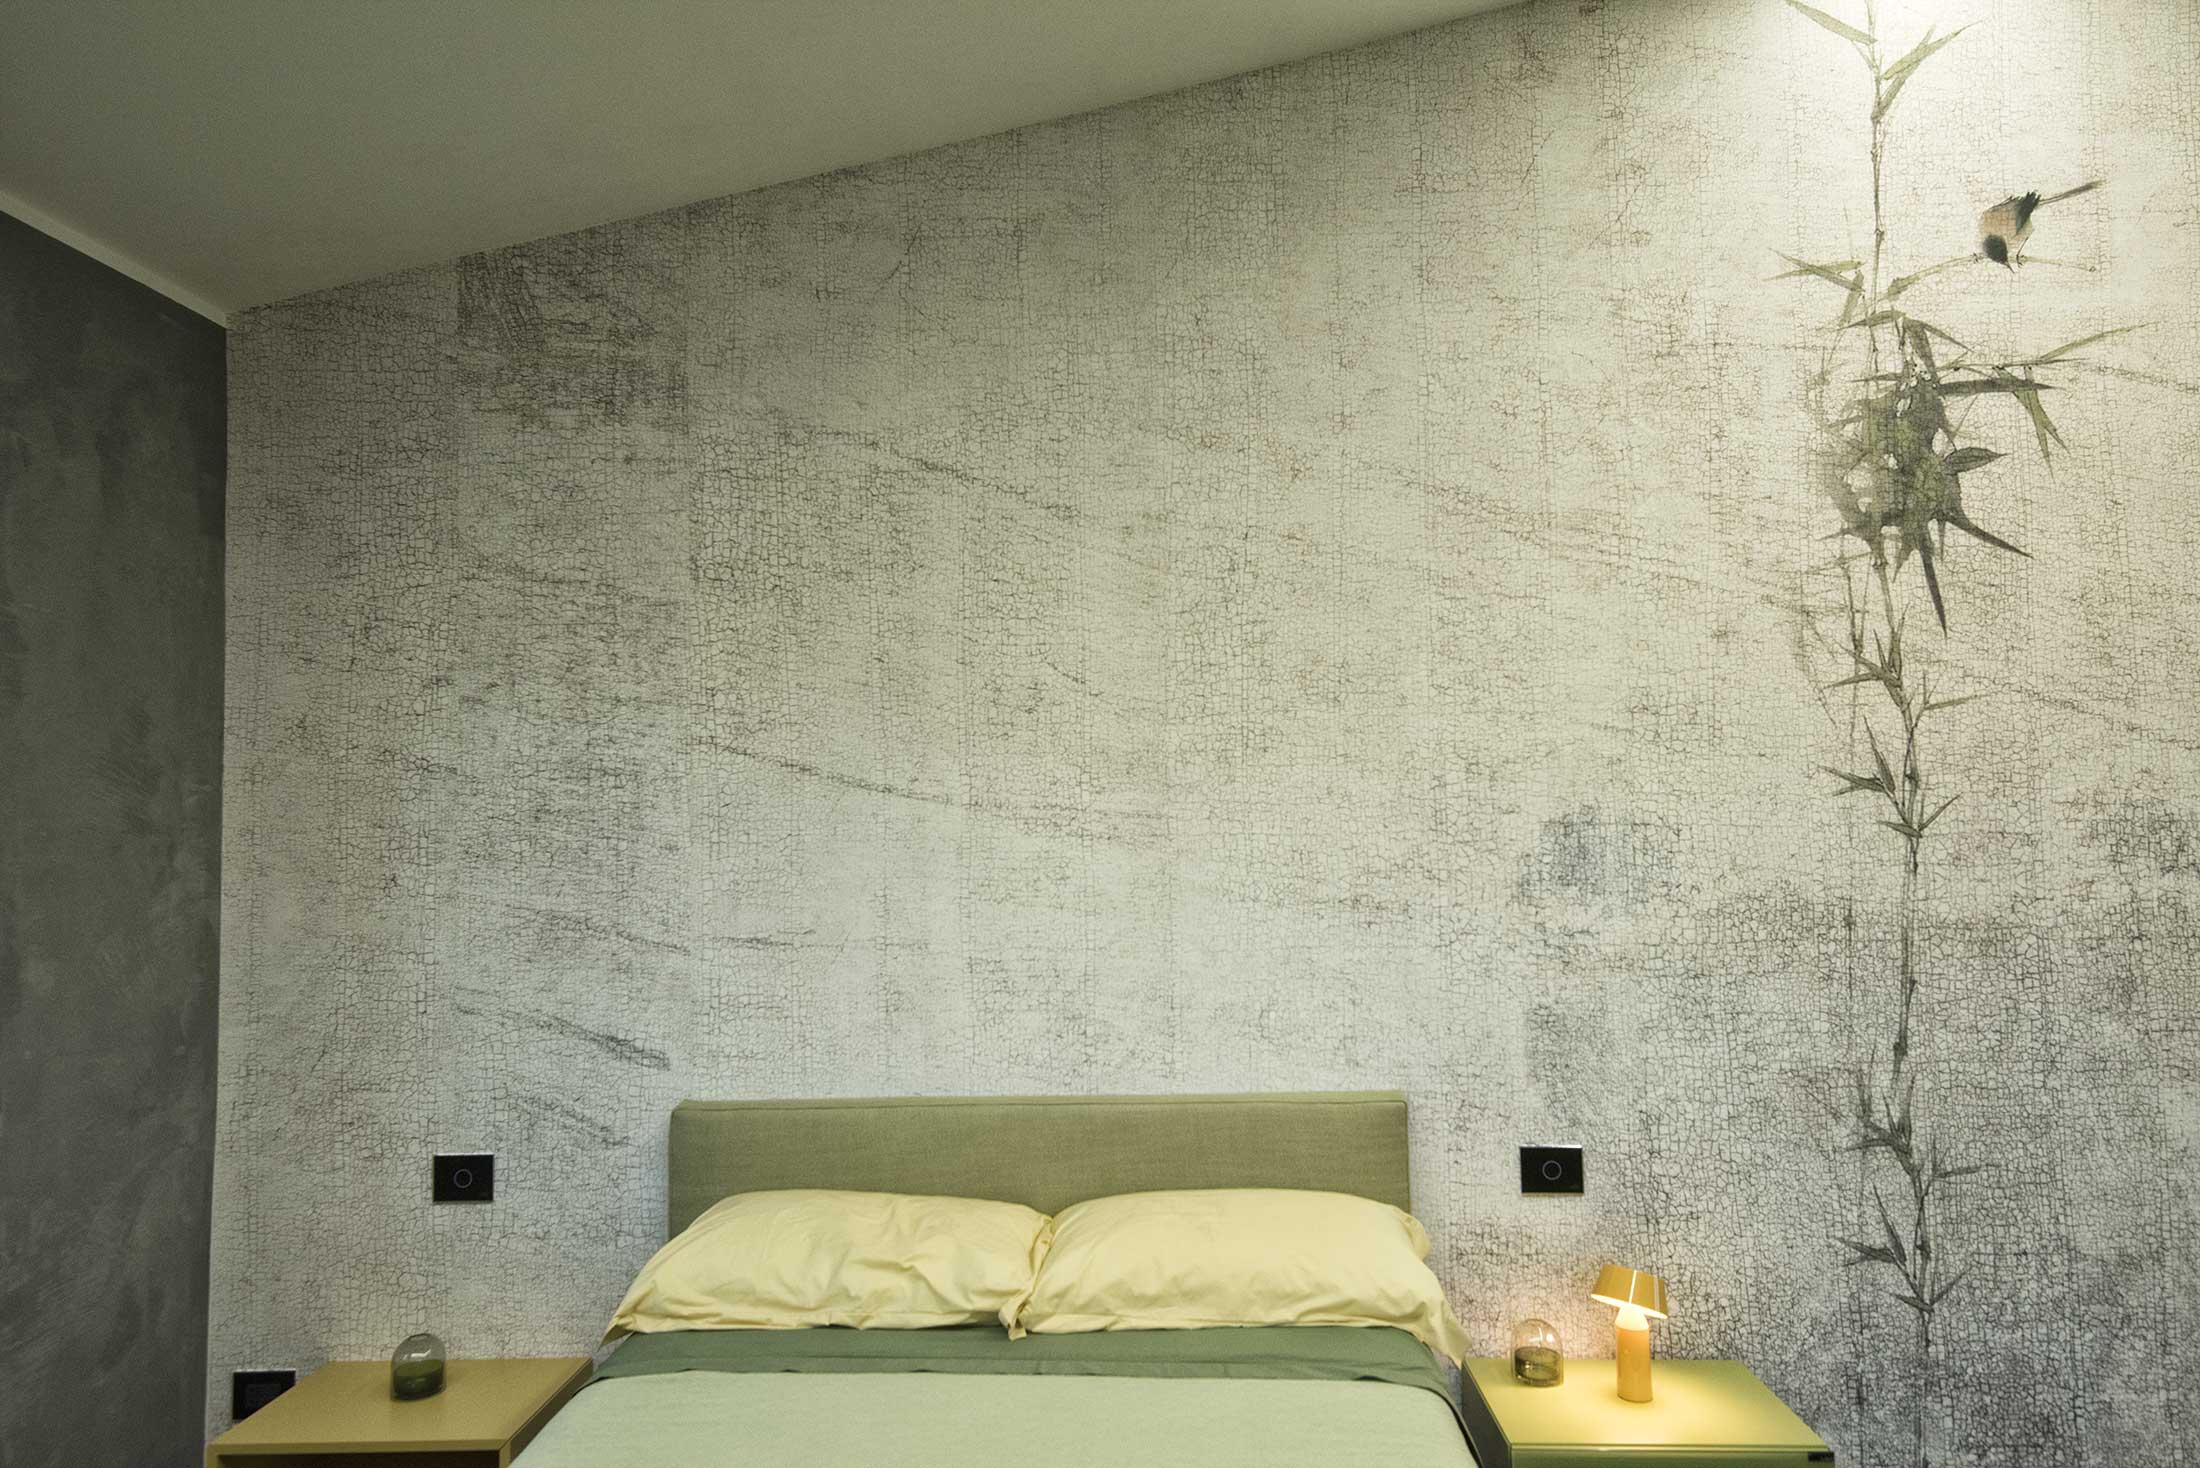 progetti-architettura-design-Formia-Addessi-Design-progettazione (18)